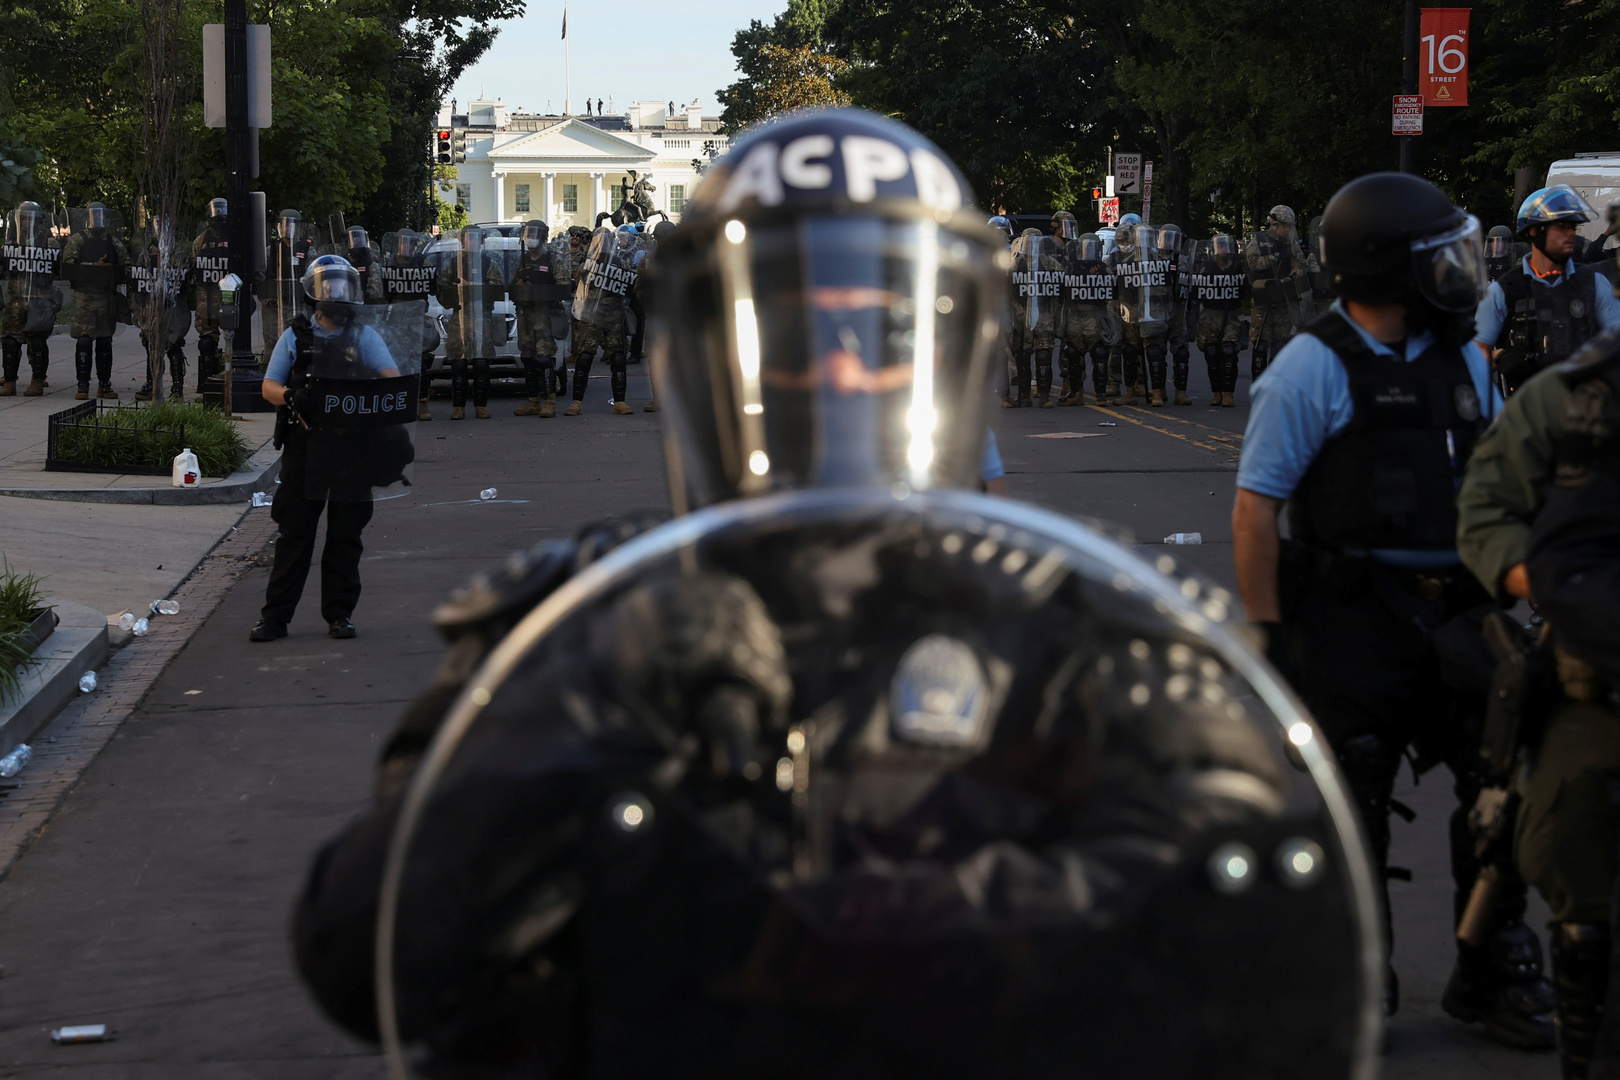 أصوات إطلاق قنابل غاز قرب أسوار البيت الأبيض حيث يلقي الرئيس ترامب كلمته